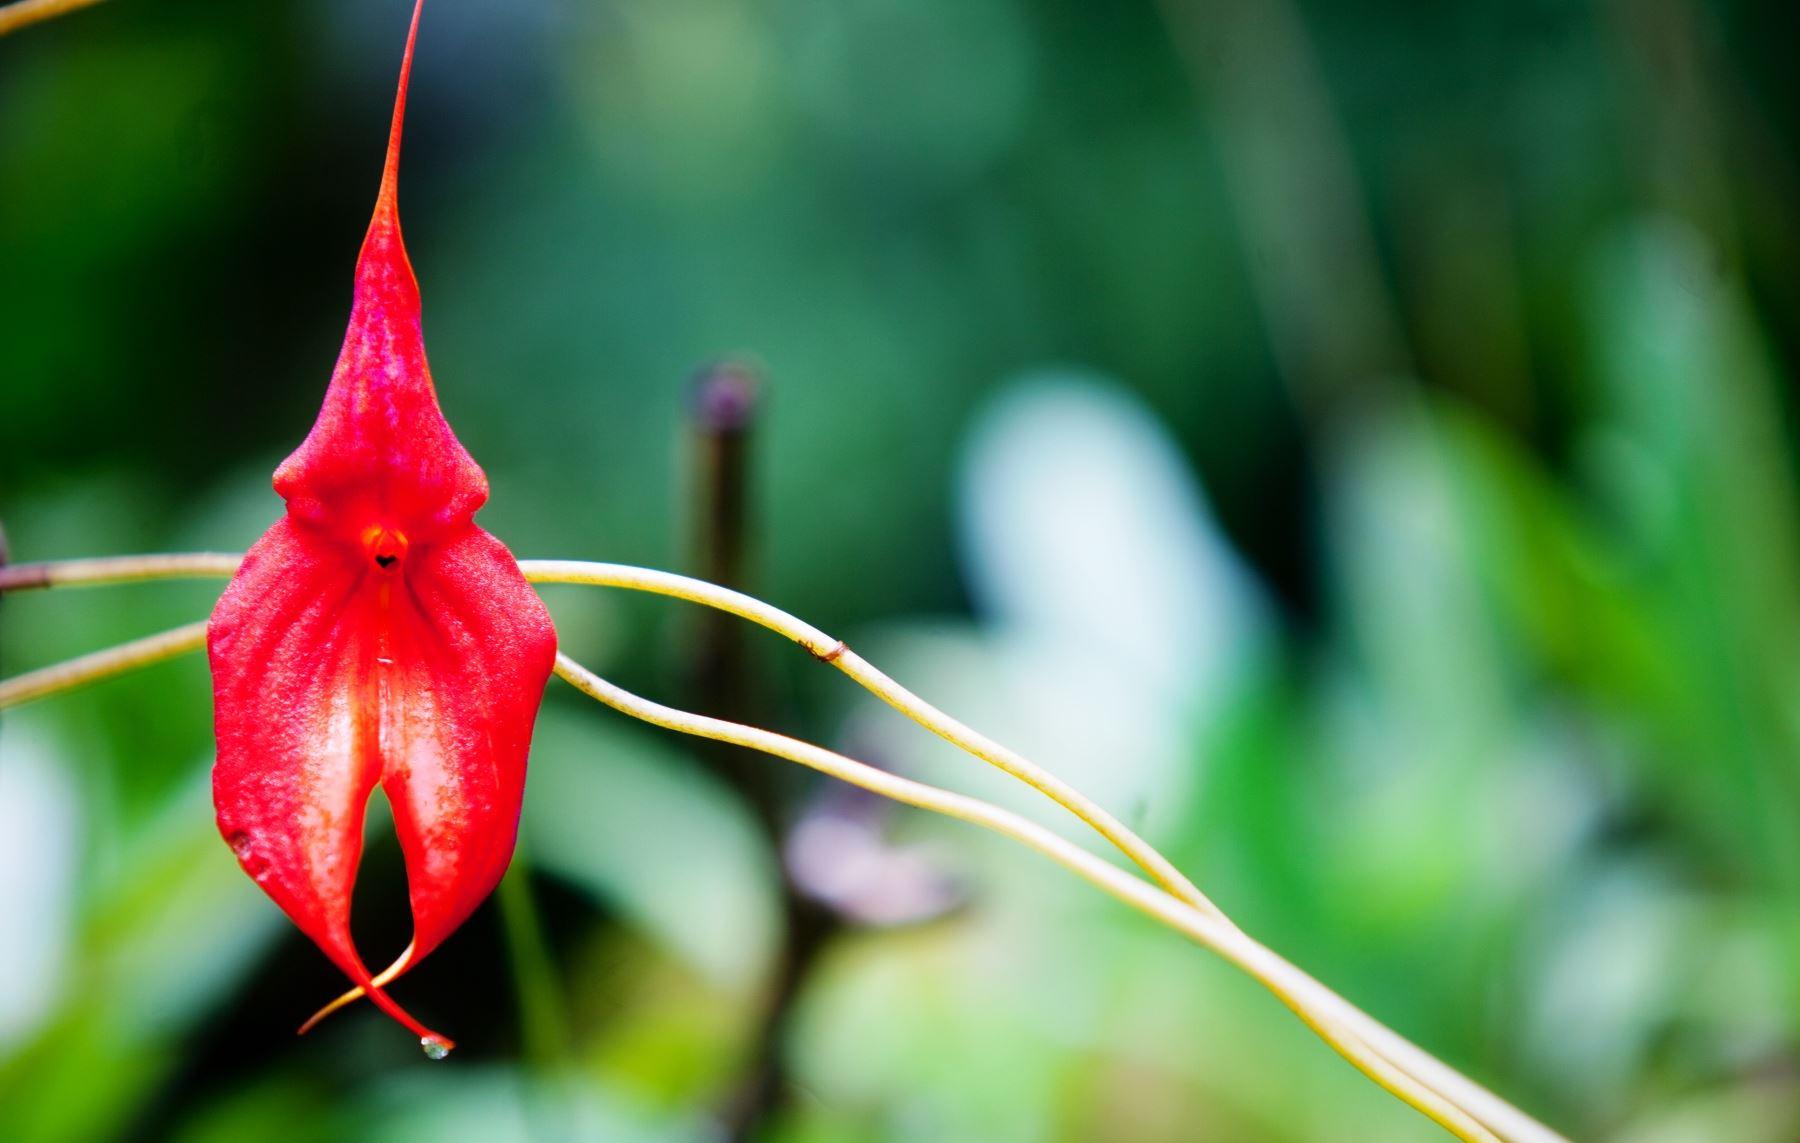 Con el objetivo garantizar la conservación de las poblaciones de especies de orquídeas y sus hábitats, el Servicio Nacional Forestal y de Fauna Silvestre (Serfor) del Ministerio de Agricultura y Riego, inició en Moyobamba, San Martín, los talleres para recoger aportes en la elaboración del Plan de Conservación de las Orquídeas del Perú. ANDINA/archivo